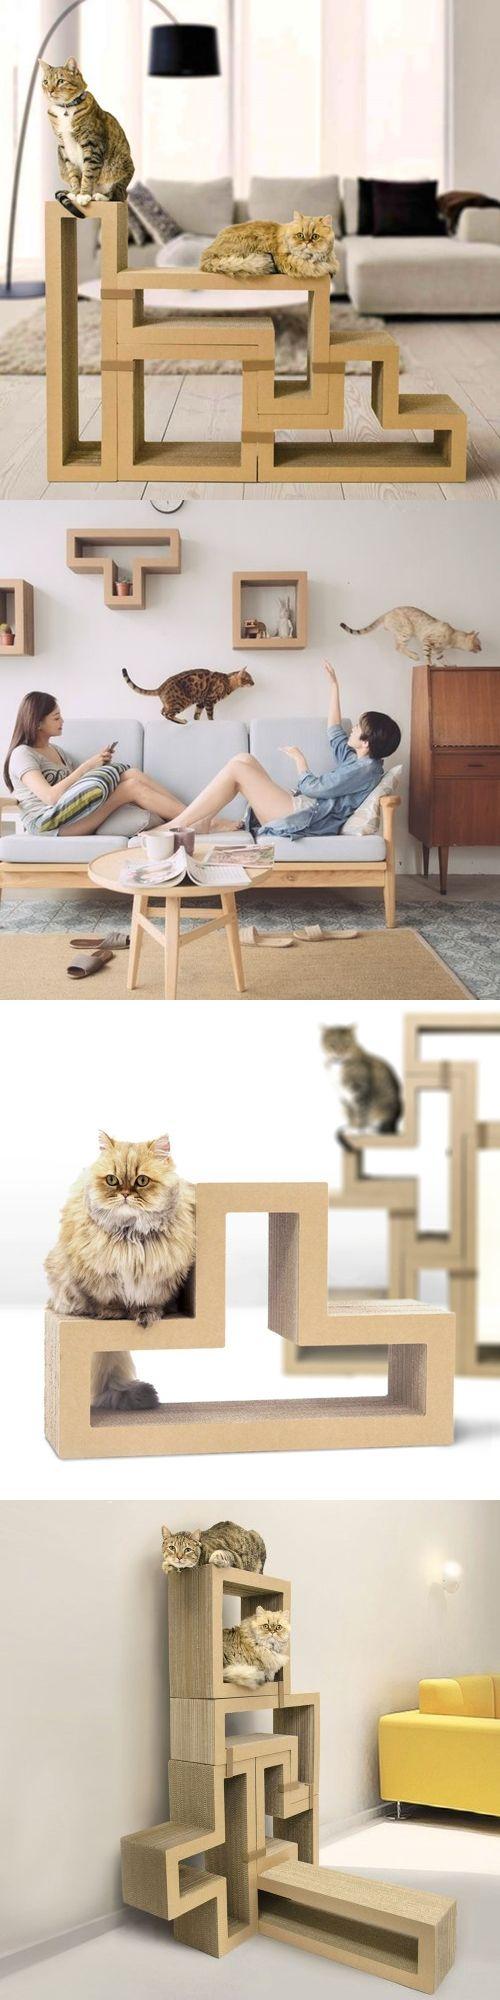 best living room goods images on pinterest